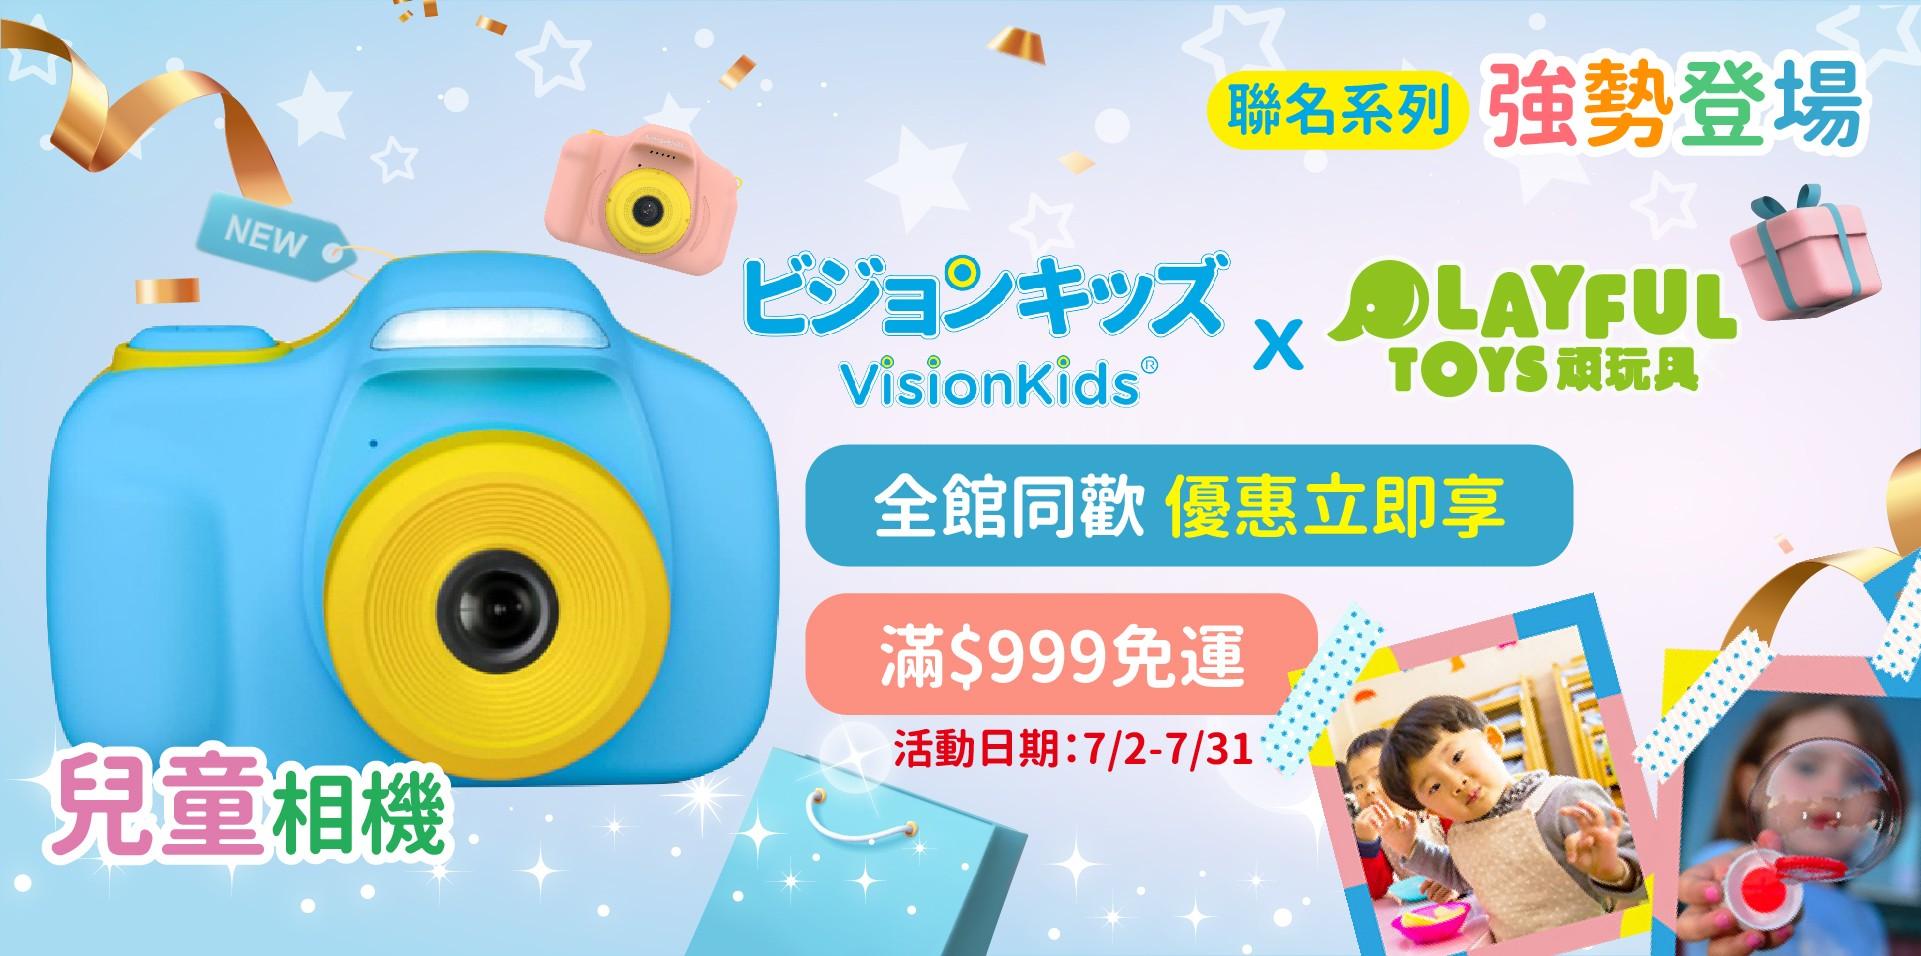 Vision Kids強勢登場,全館同歡優惠中。在家輕鬆買,滿$999免運!